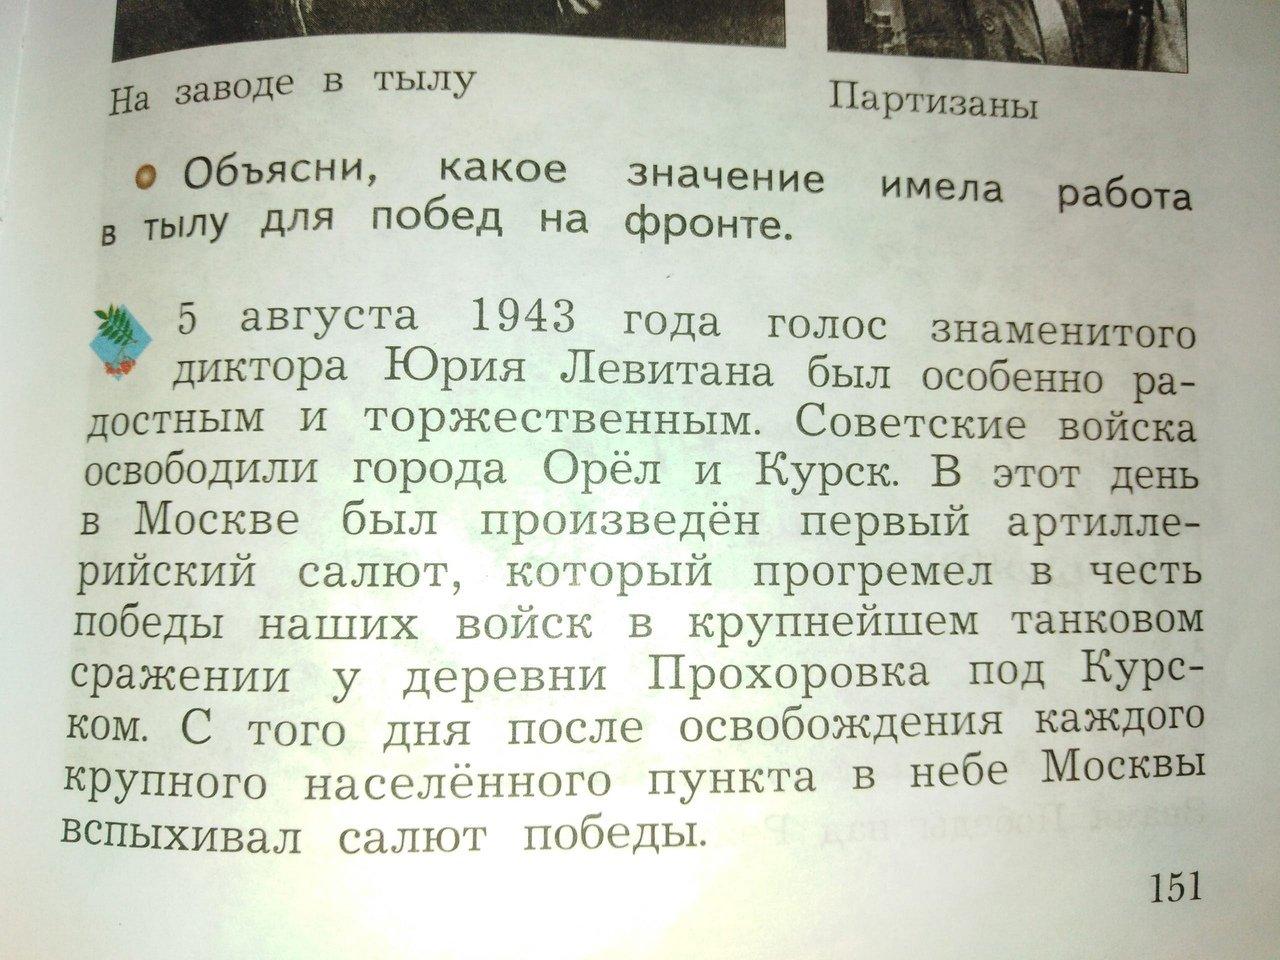 Текст из школьного учебника, фото паблика «Белгород – это интересно».